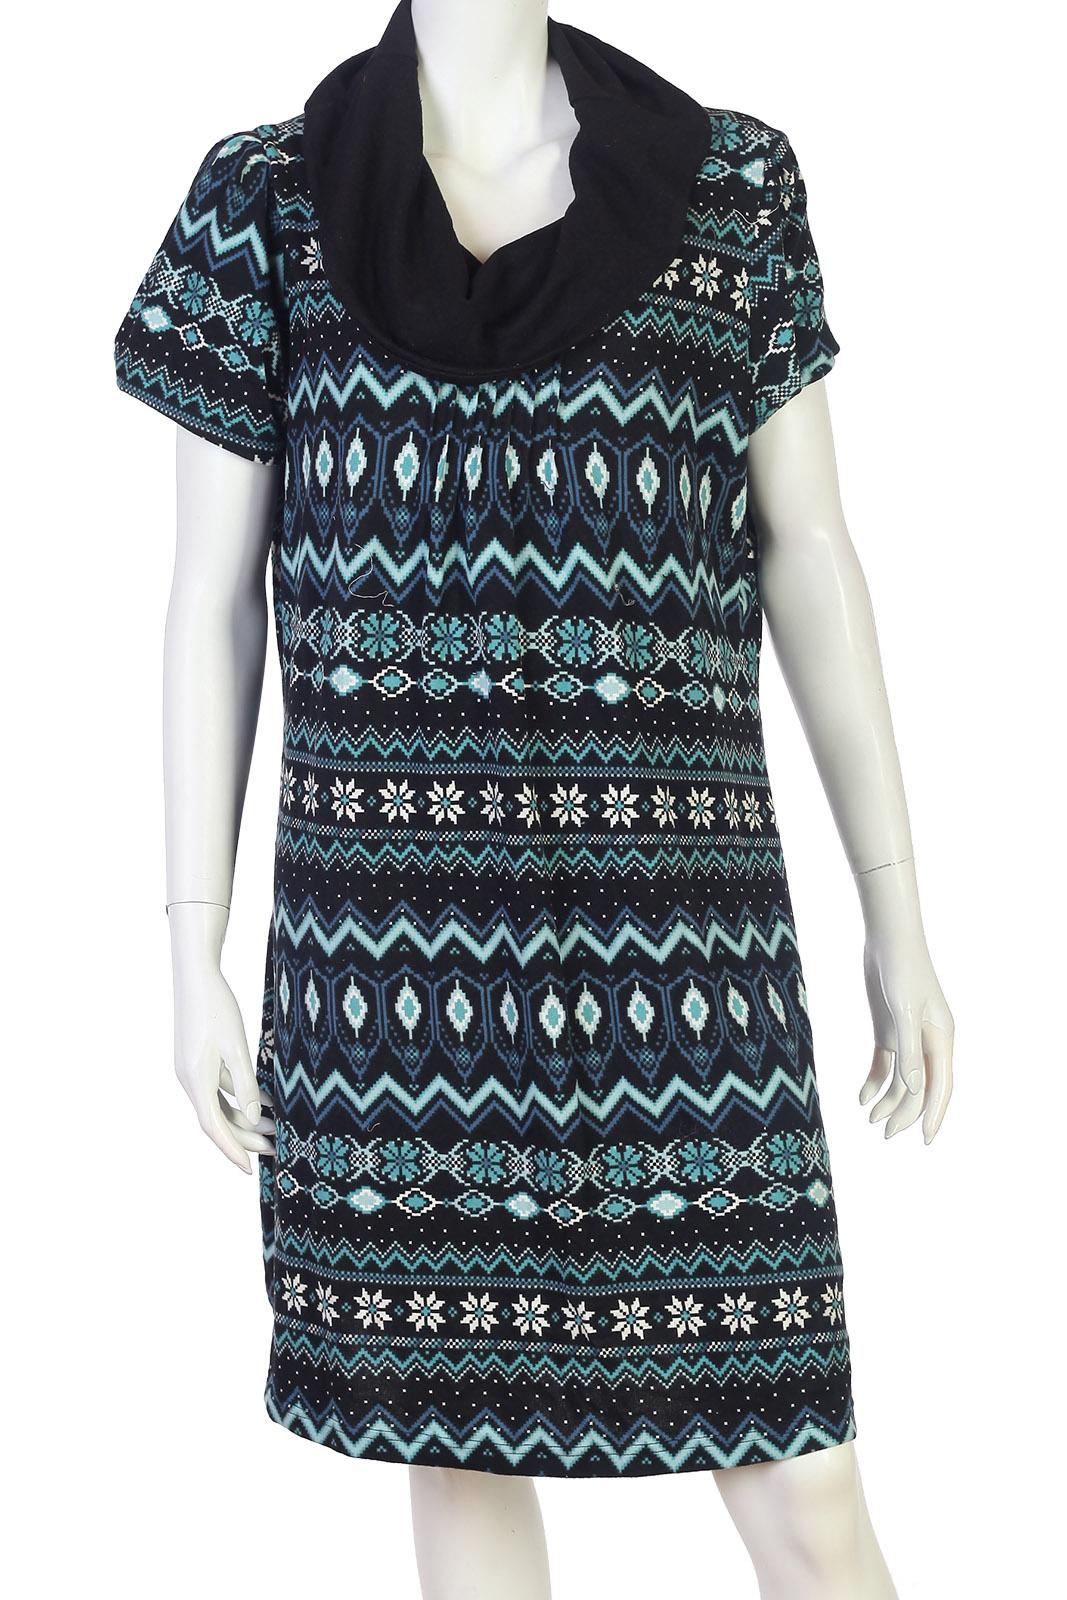 Купить гламурное платье с коротким рукавом от бренда Marie Claire